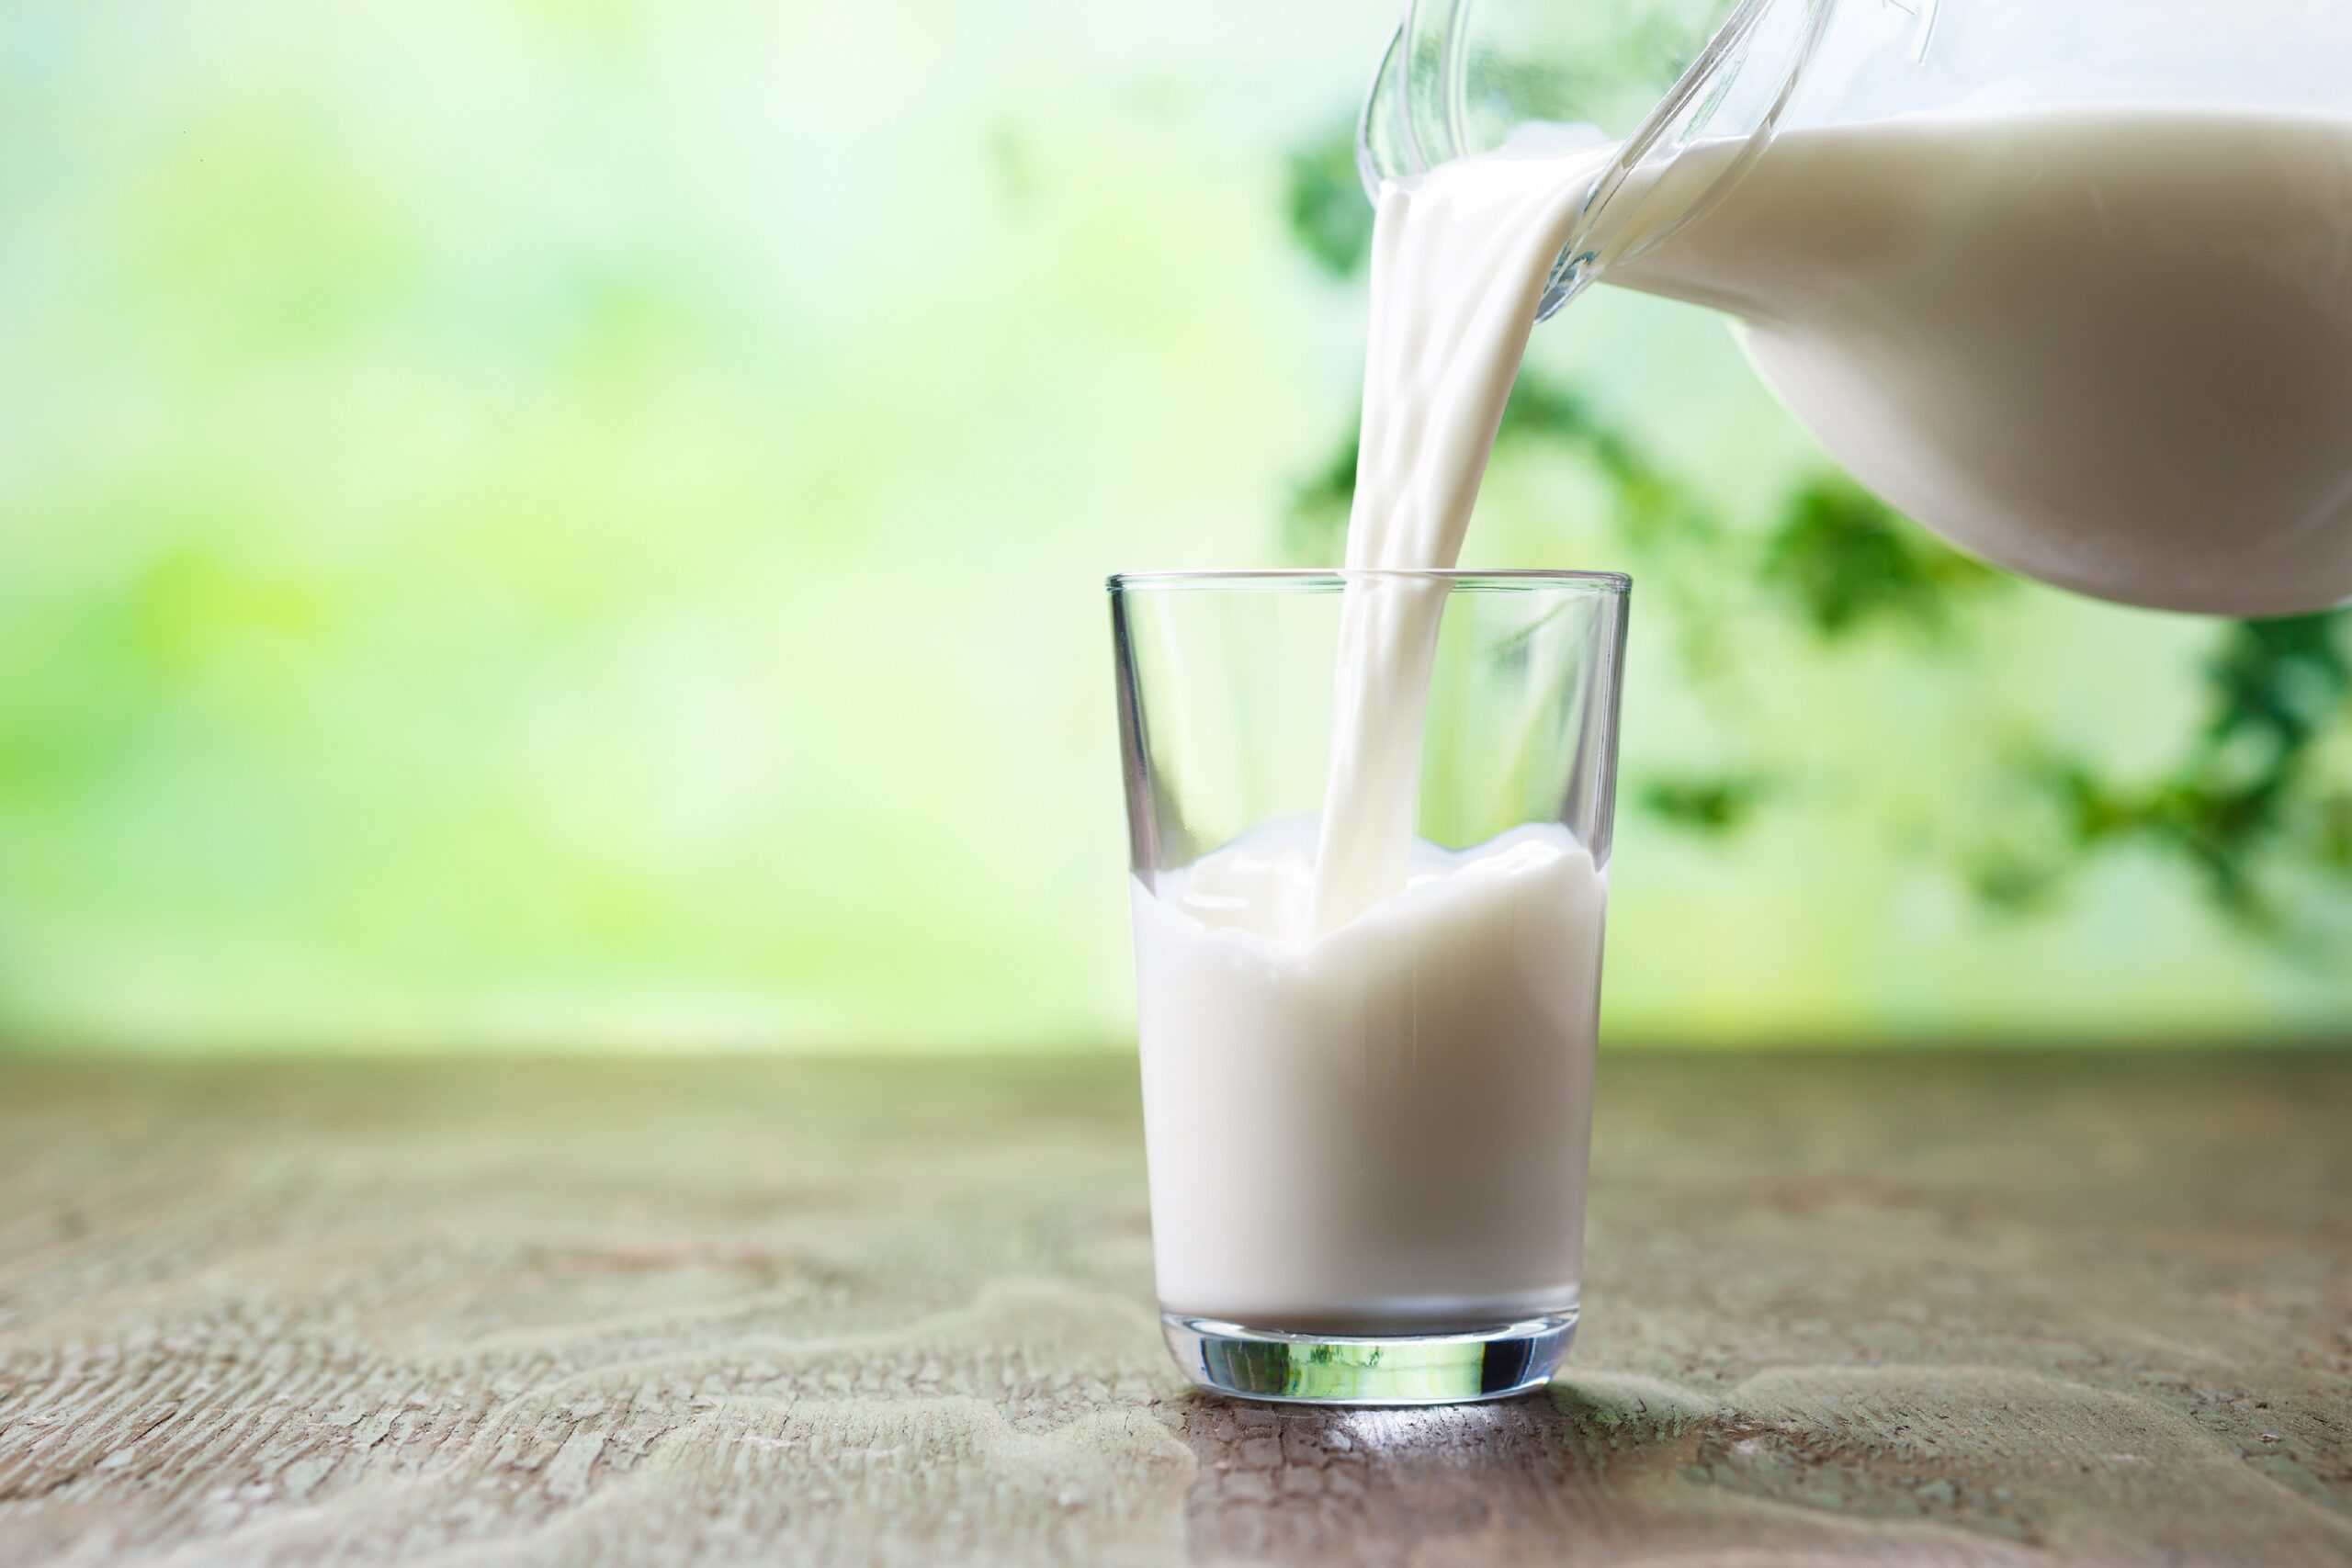 Krankmachende-Keime-in-Rohmilch-Proben-nachgewiesen